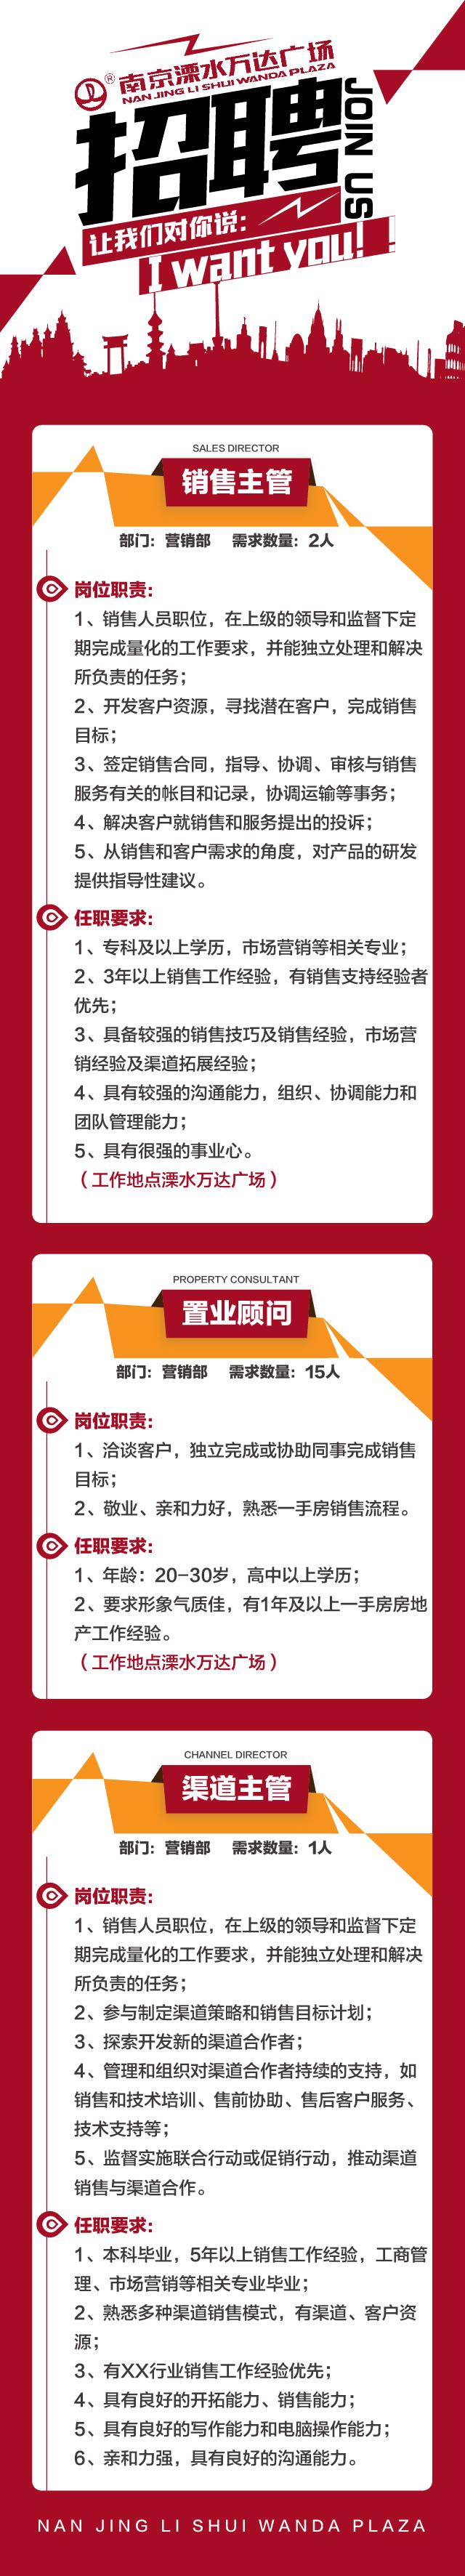 微信招聘图文图片